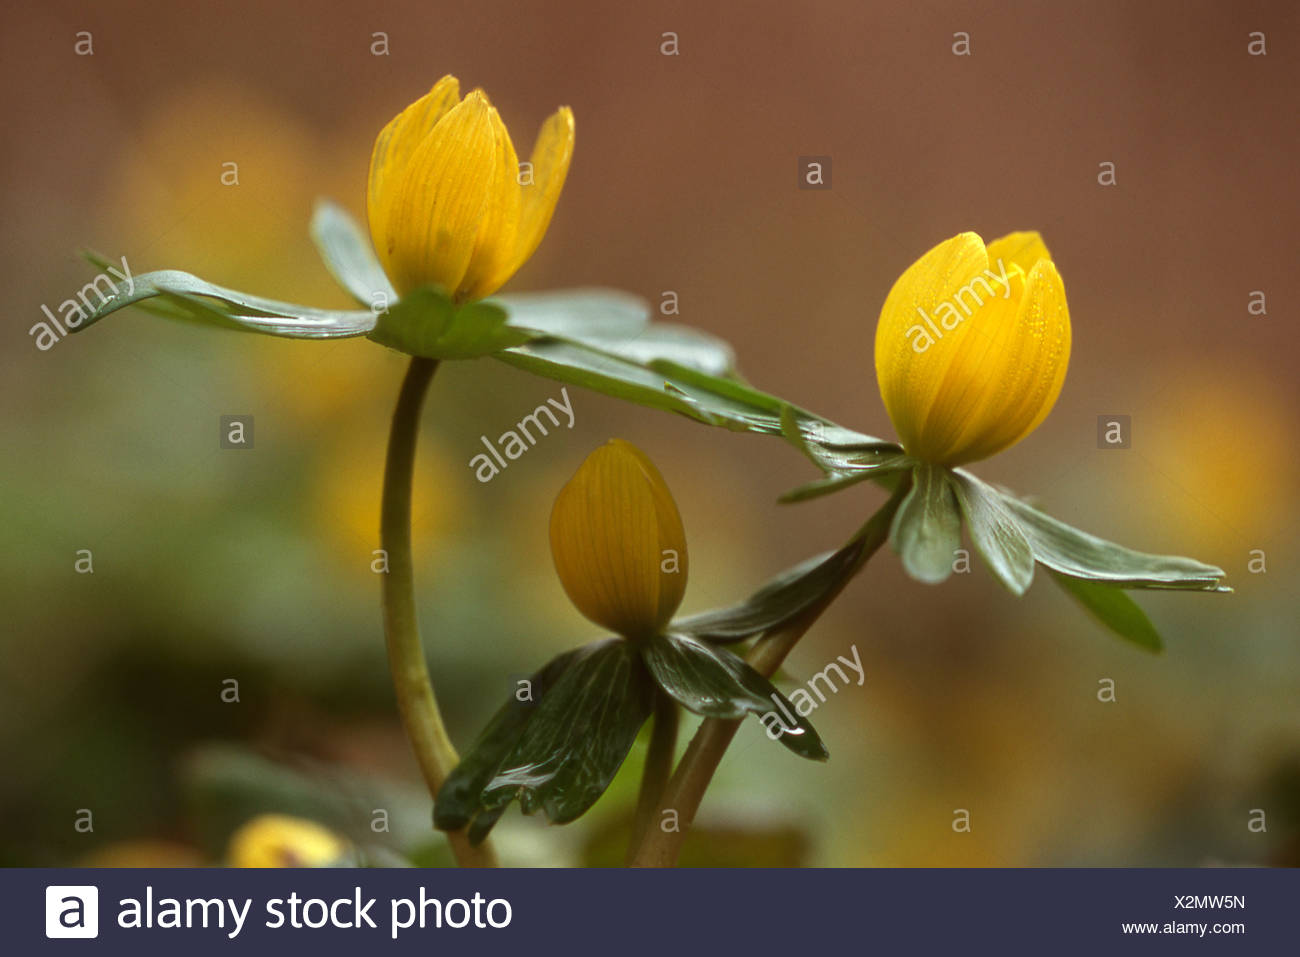 Fiori Gialli Invernali.Drie Gele Bloemen Winterakoniet Op Grondhoogte Vanaf Zijkant Tre